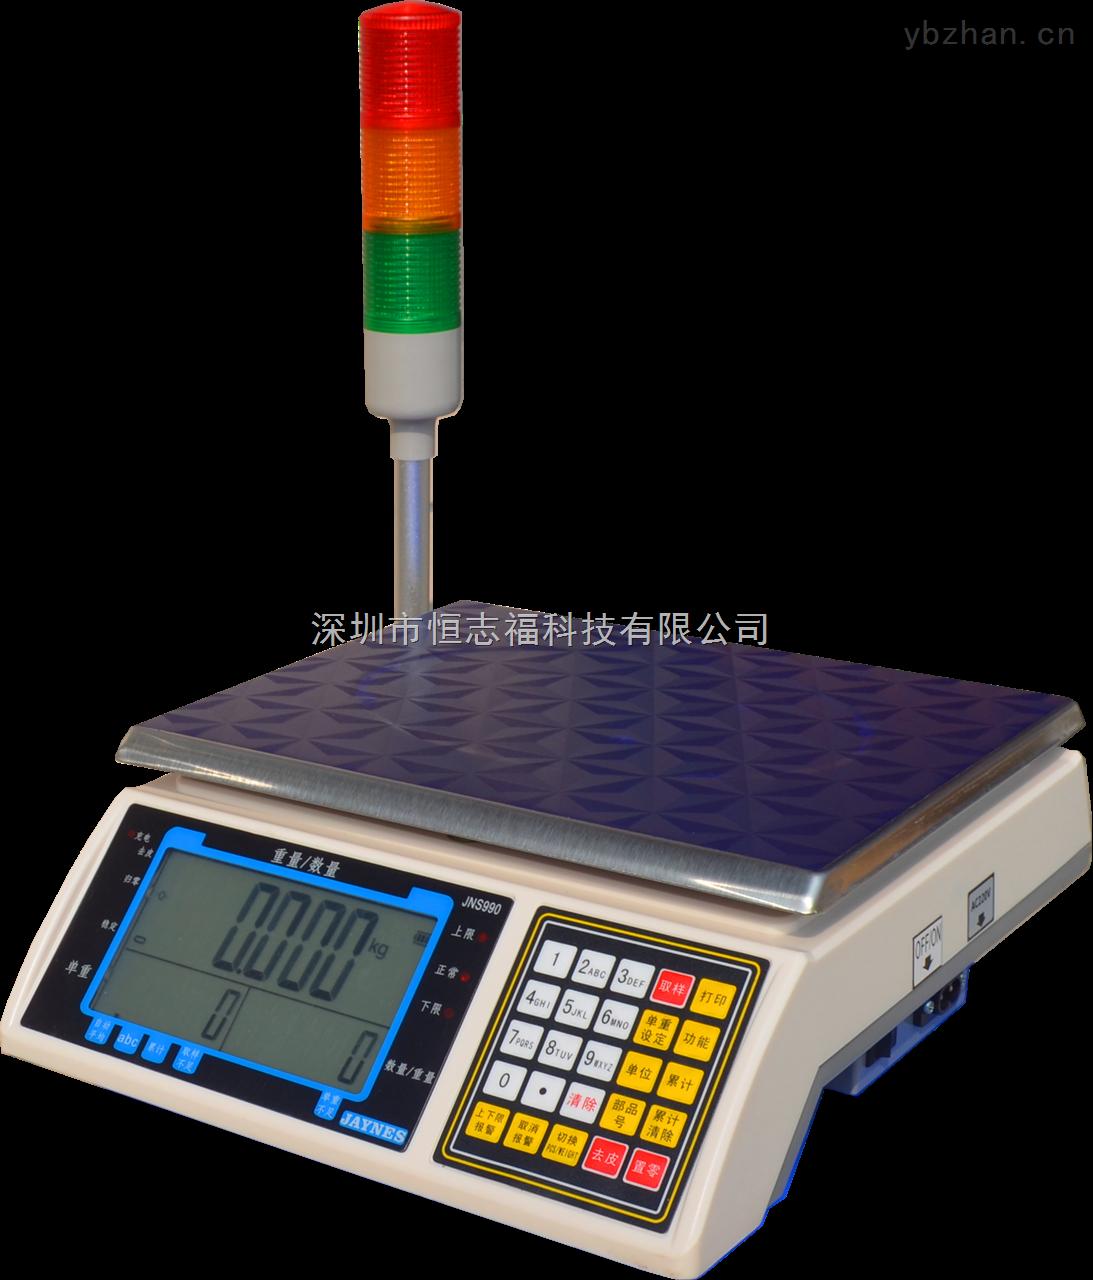 EXCELL-帶打印功能天平秤,日期時間重量毛重凈重